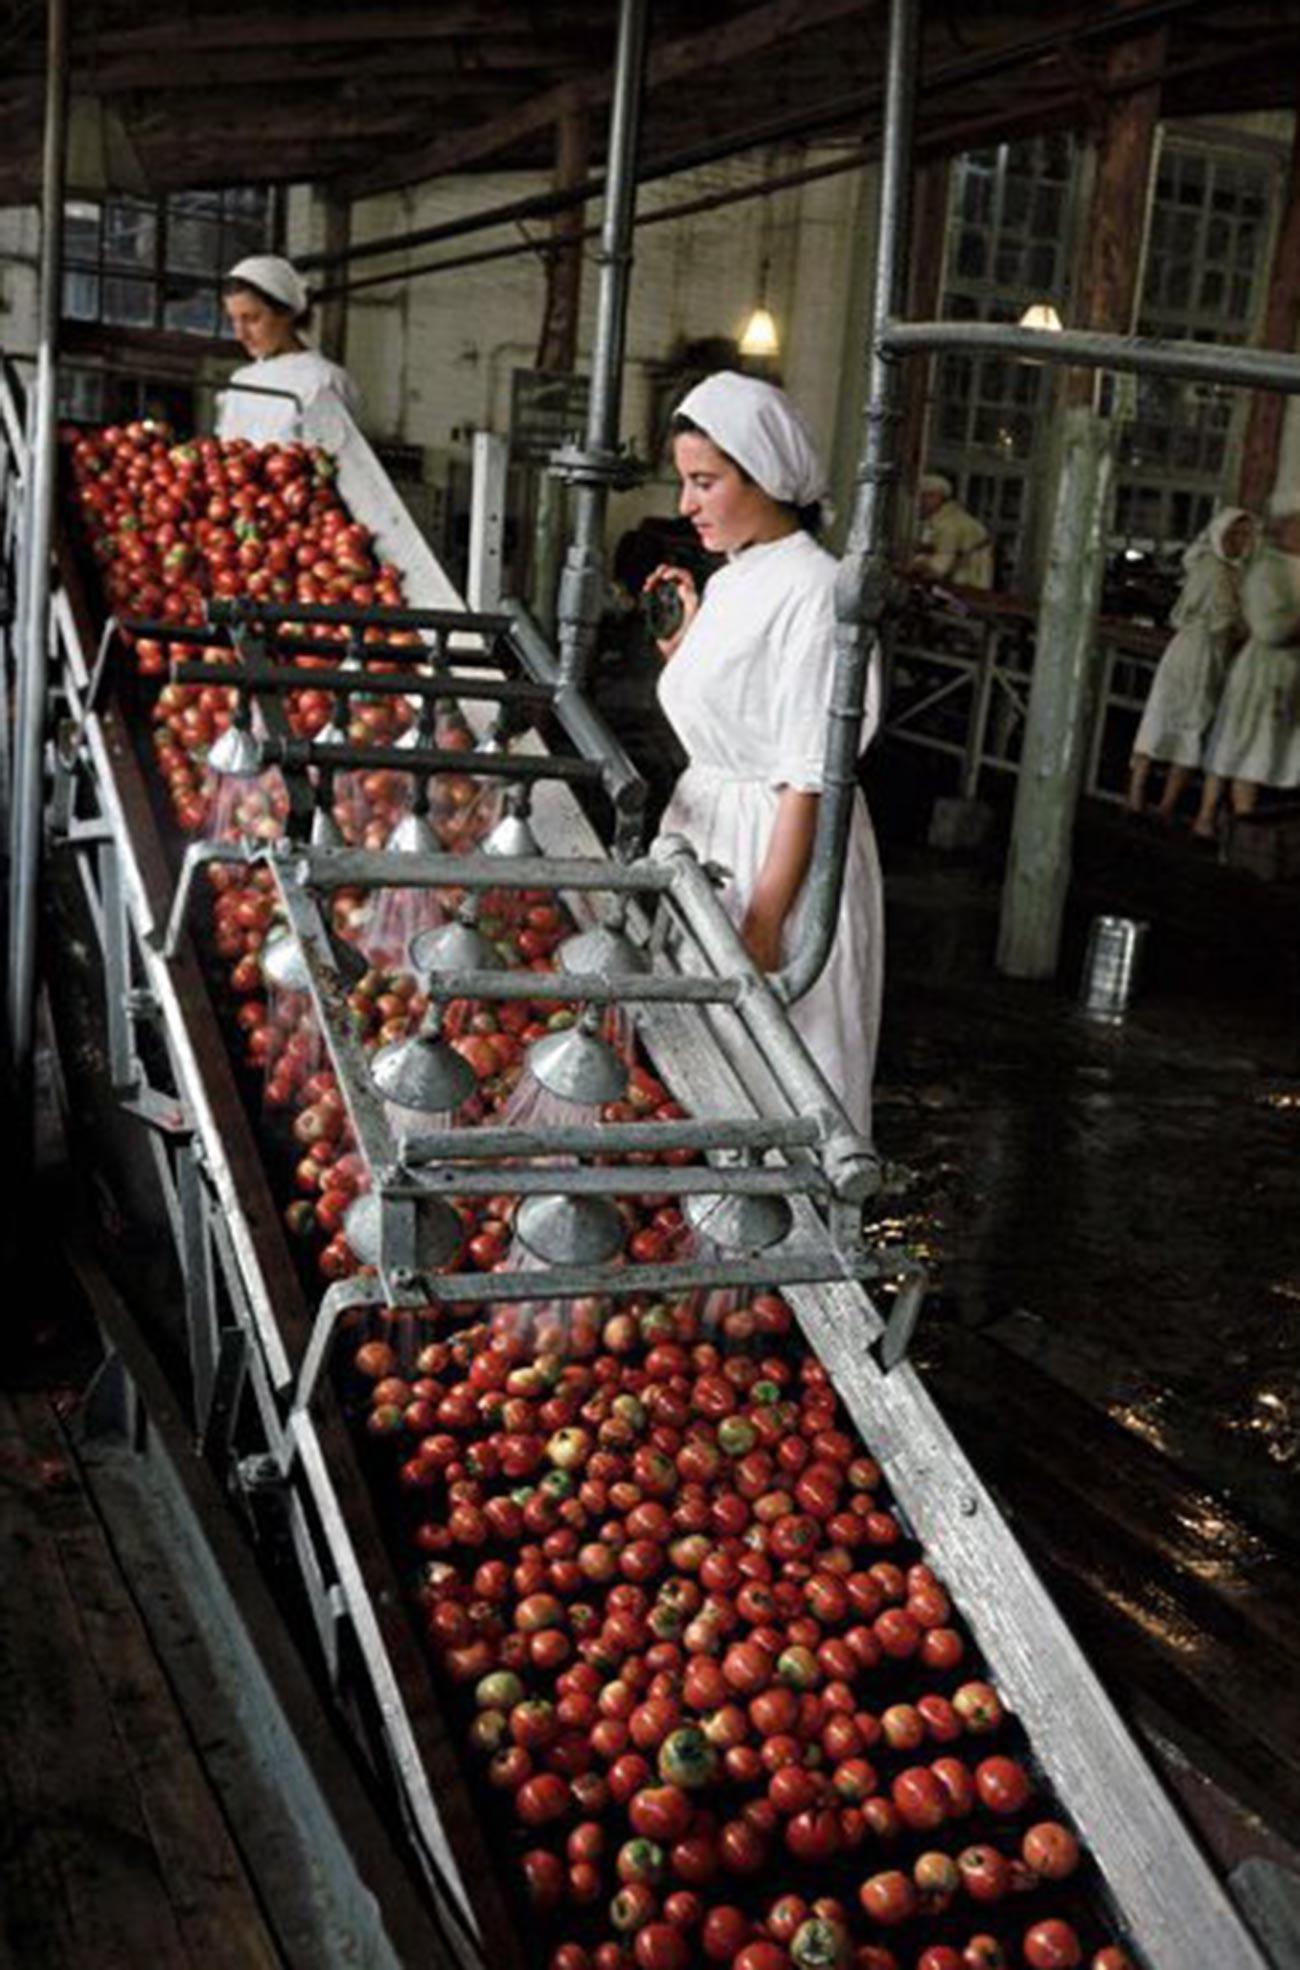 Помидоры на Тираспольском консервном заводе имени 1-го мая, 1953